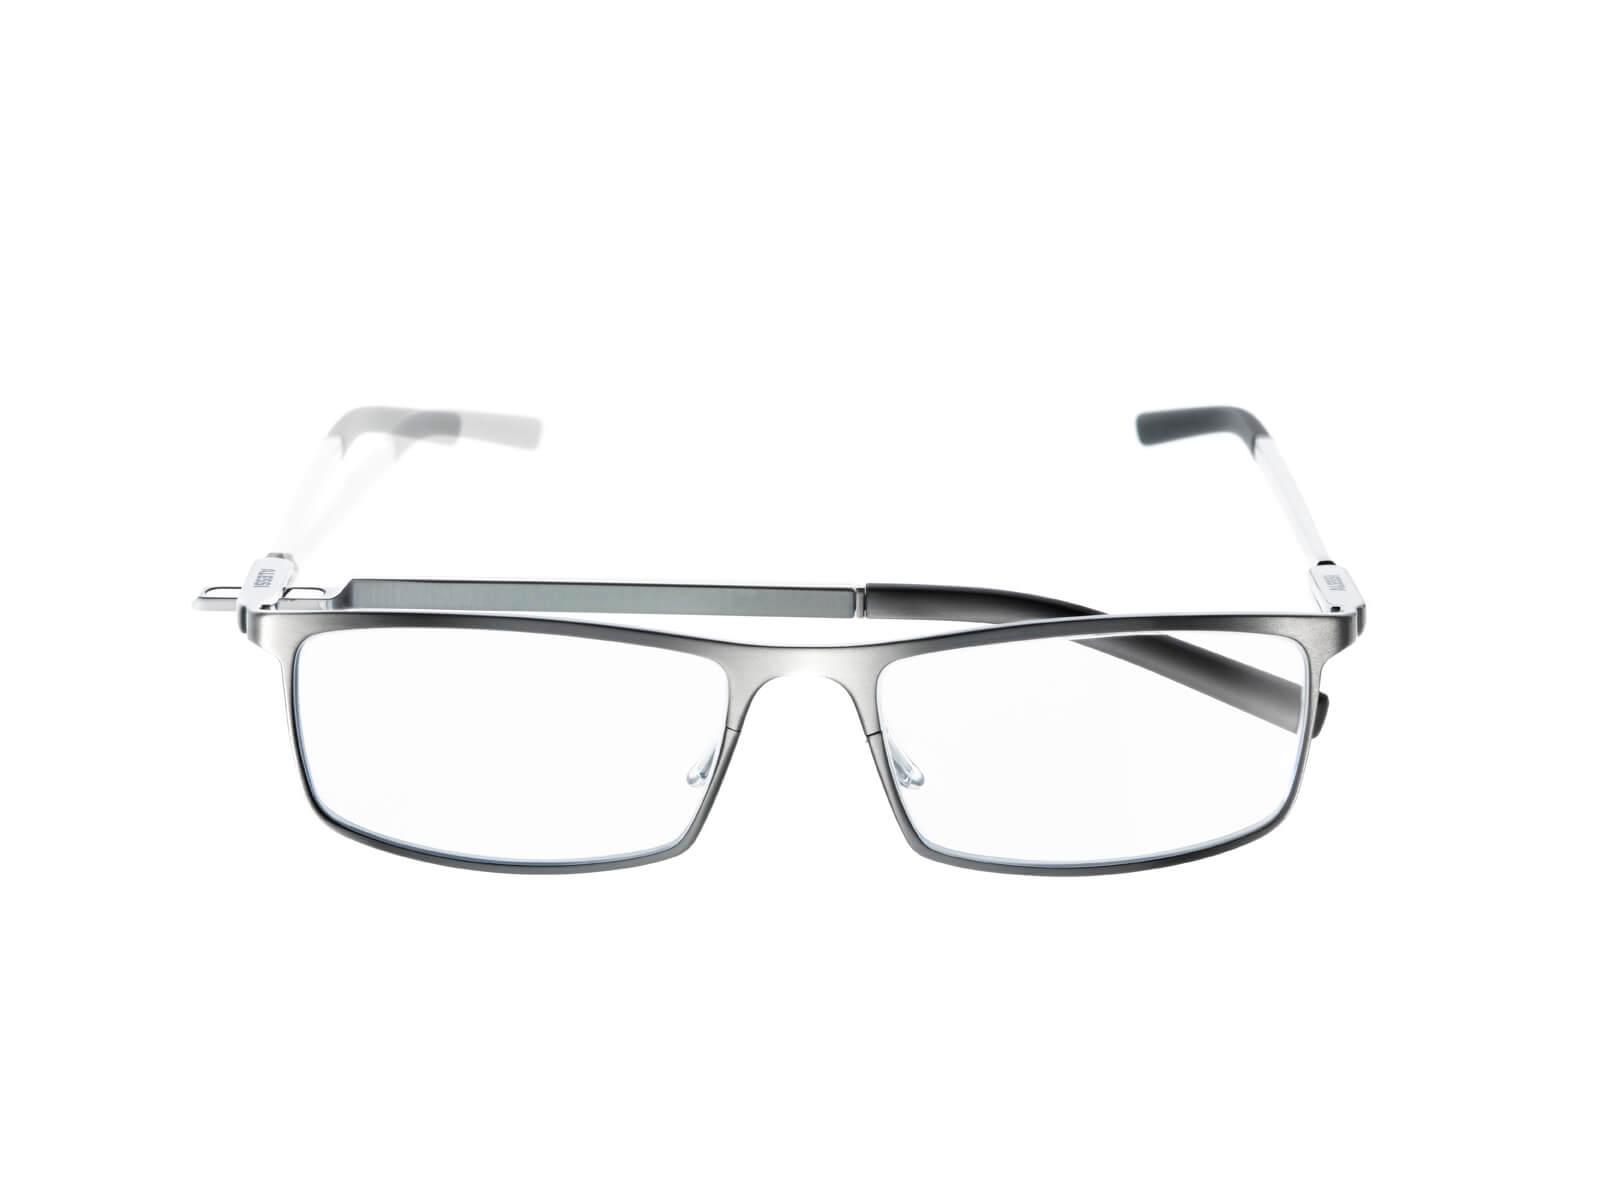 AlessiEyes-Kompas-optical-eyewear-magnetic-hinge-01.jpg